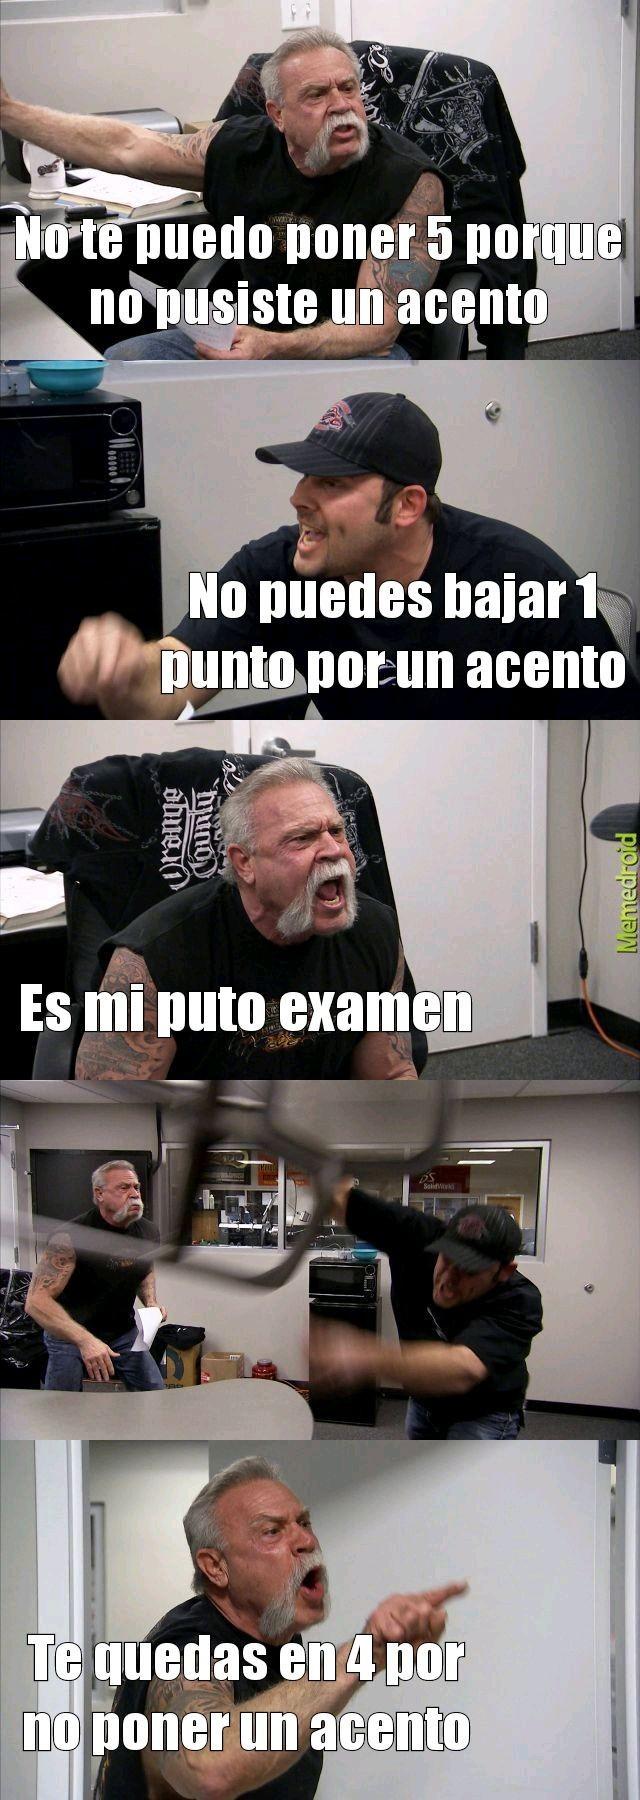 Sucede - meme